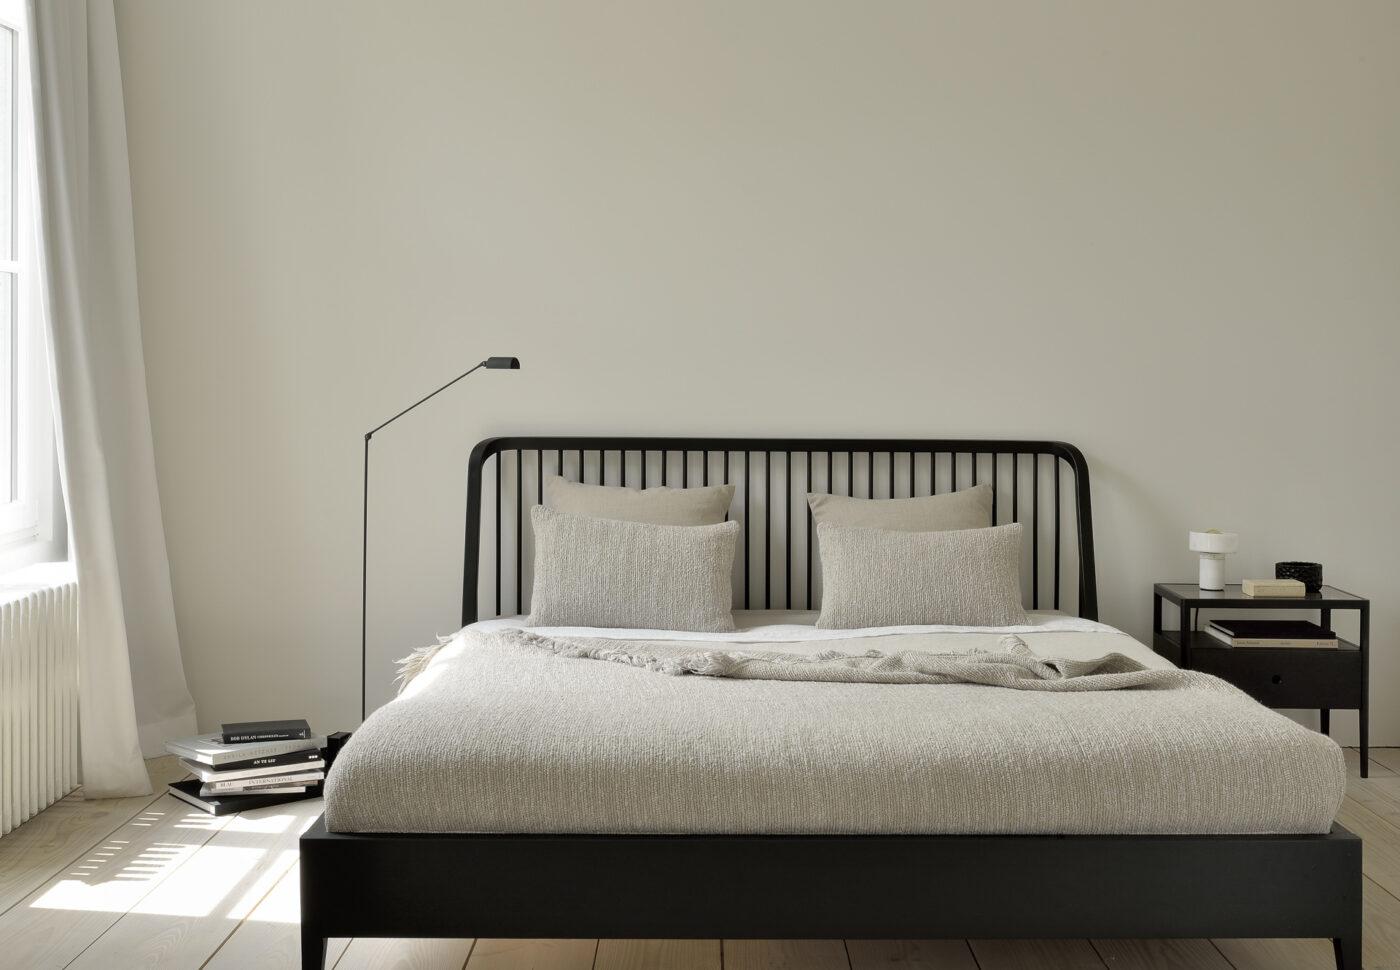 51236 51235 Oak black Spindle bed bedside table